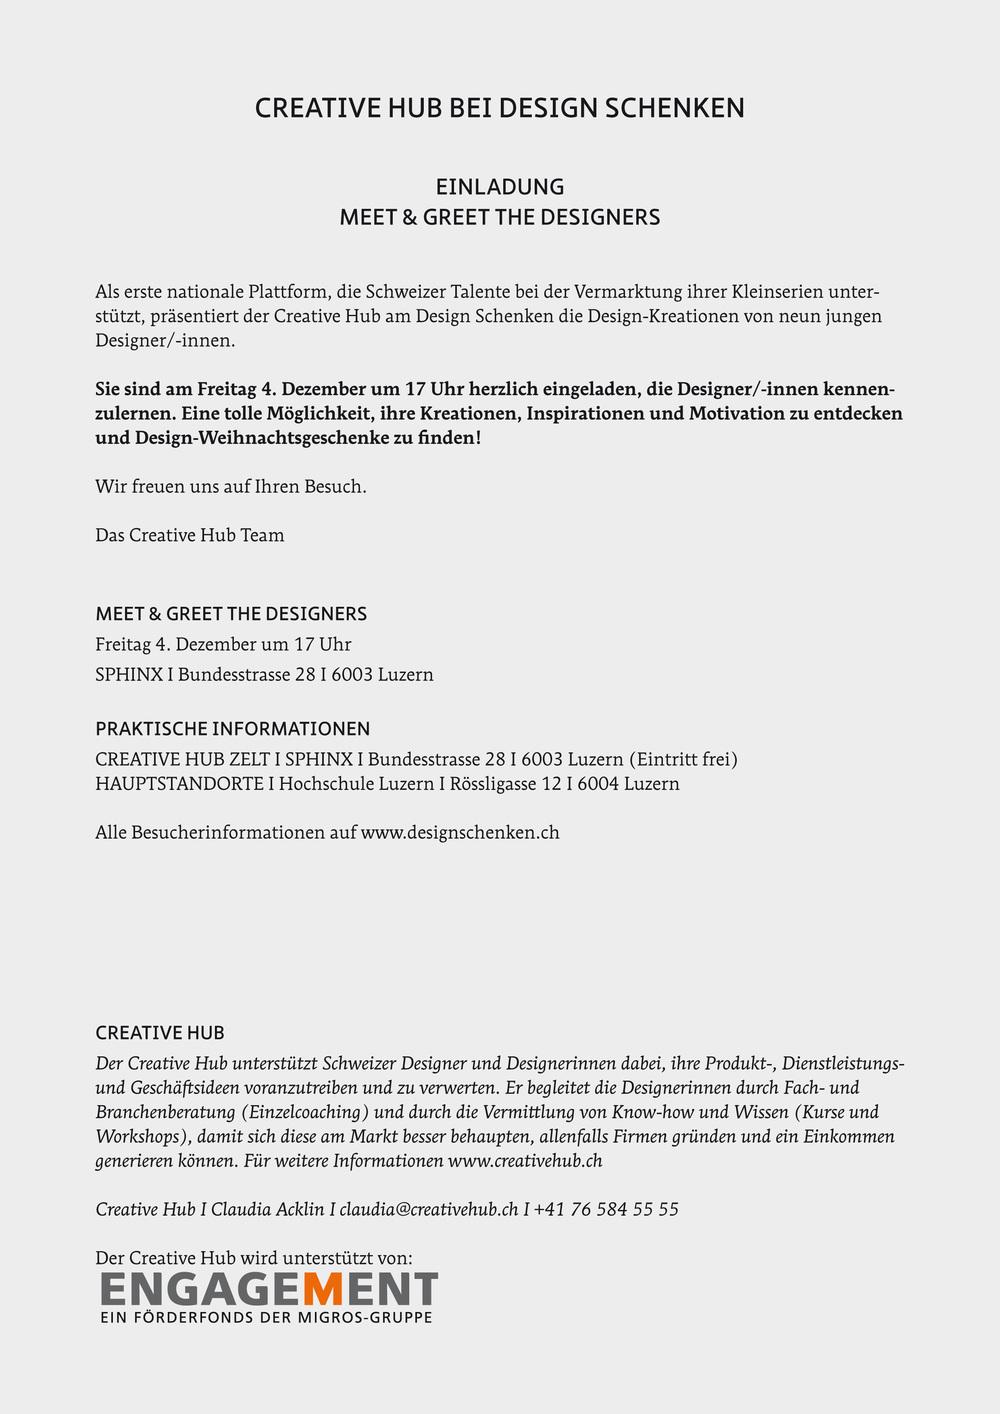 151112_Design_Schenken_Einladung-2WEB.jpg